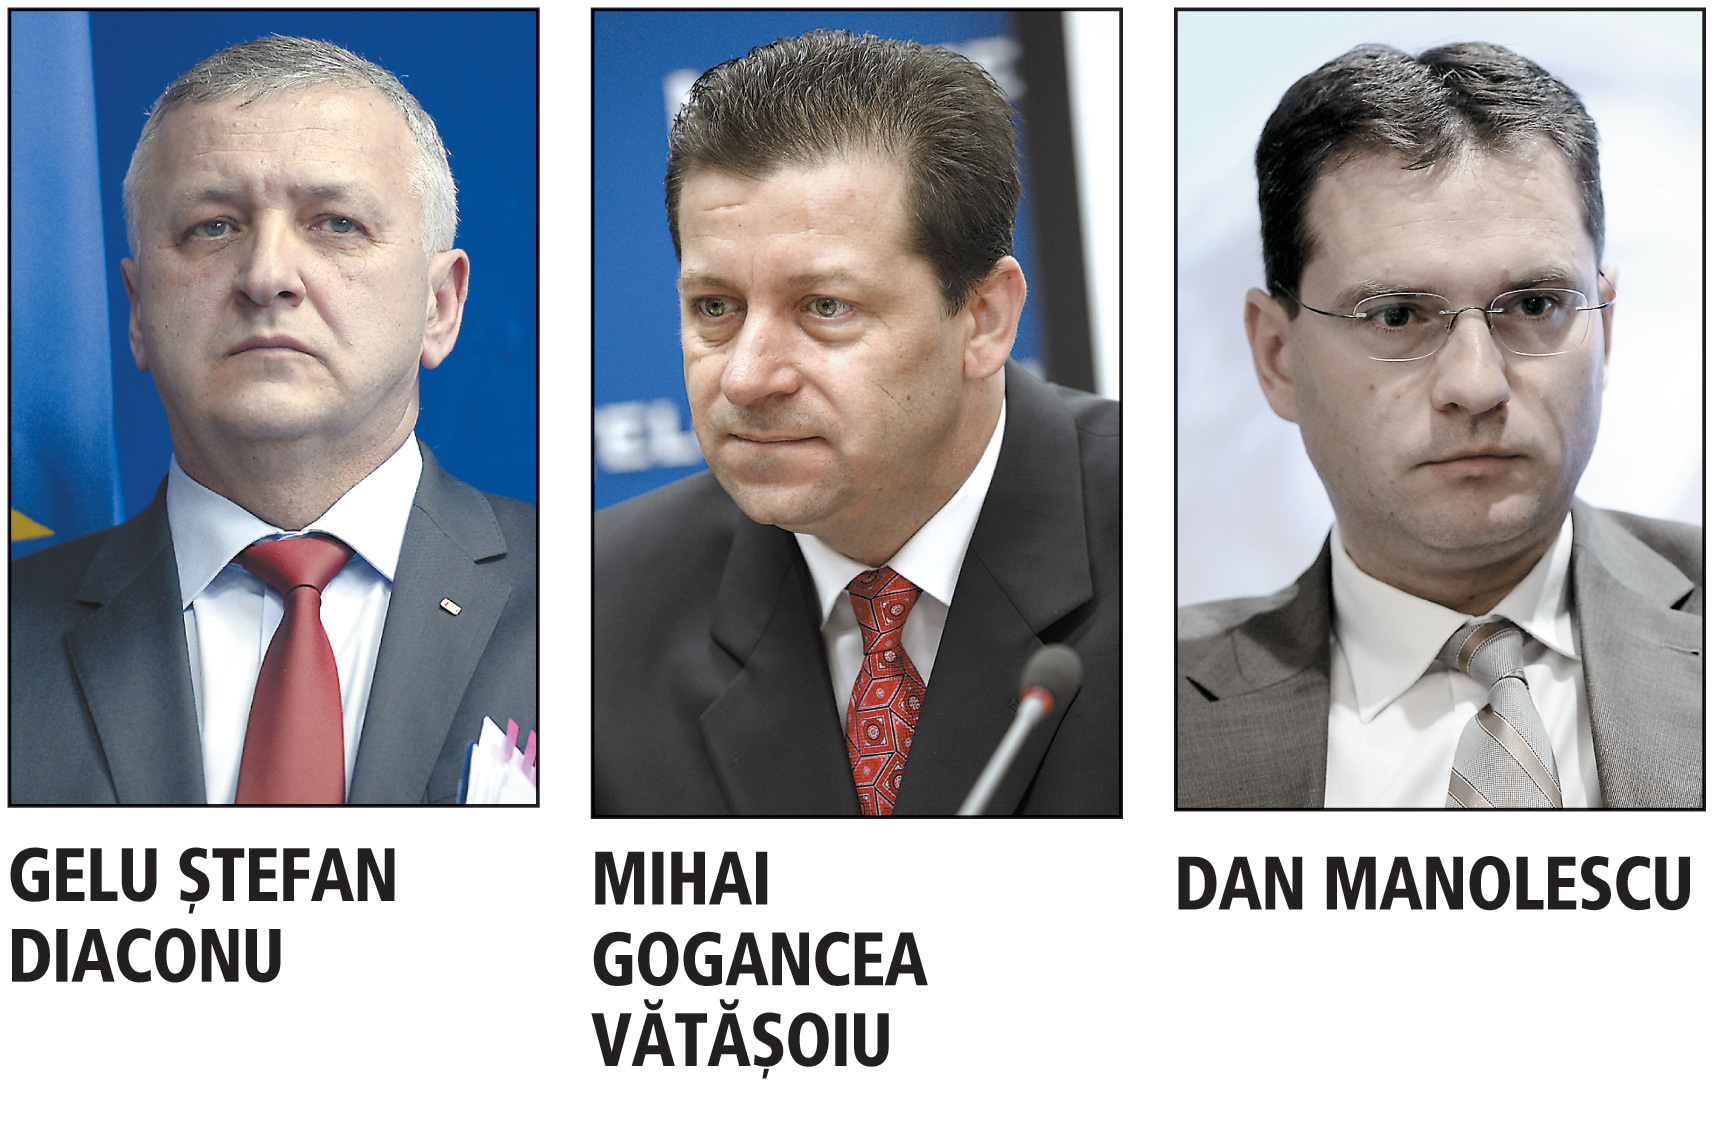 Vin schimbări în Consiliul de Administraţie al CEC Bank? Diaconu şi Vătăşoiu, membri în board la CEC Bank puşi sub acuzare de DNA, pot fi schimbaţi din boardul băncii